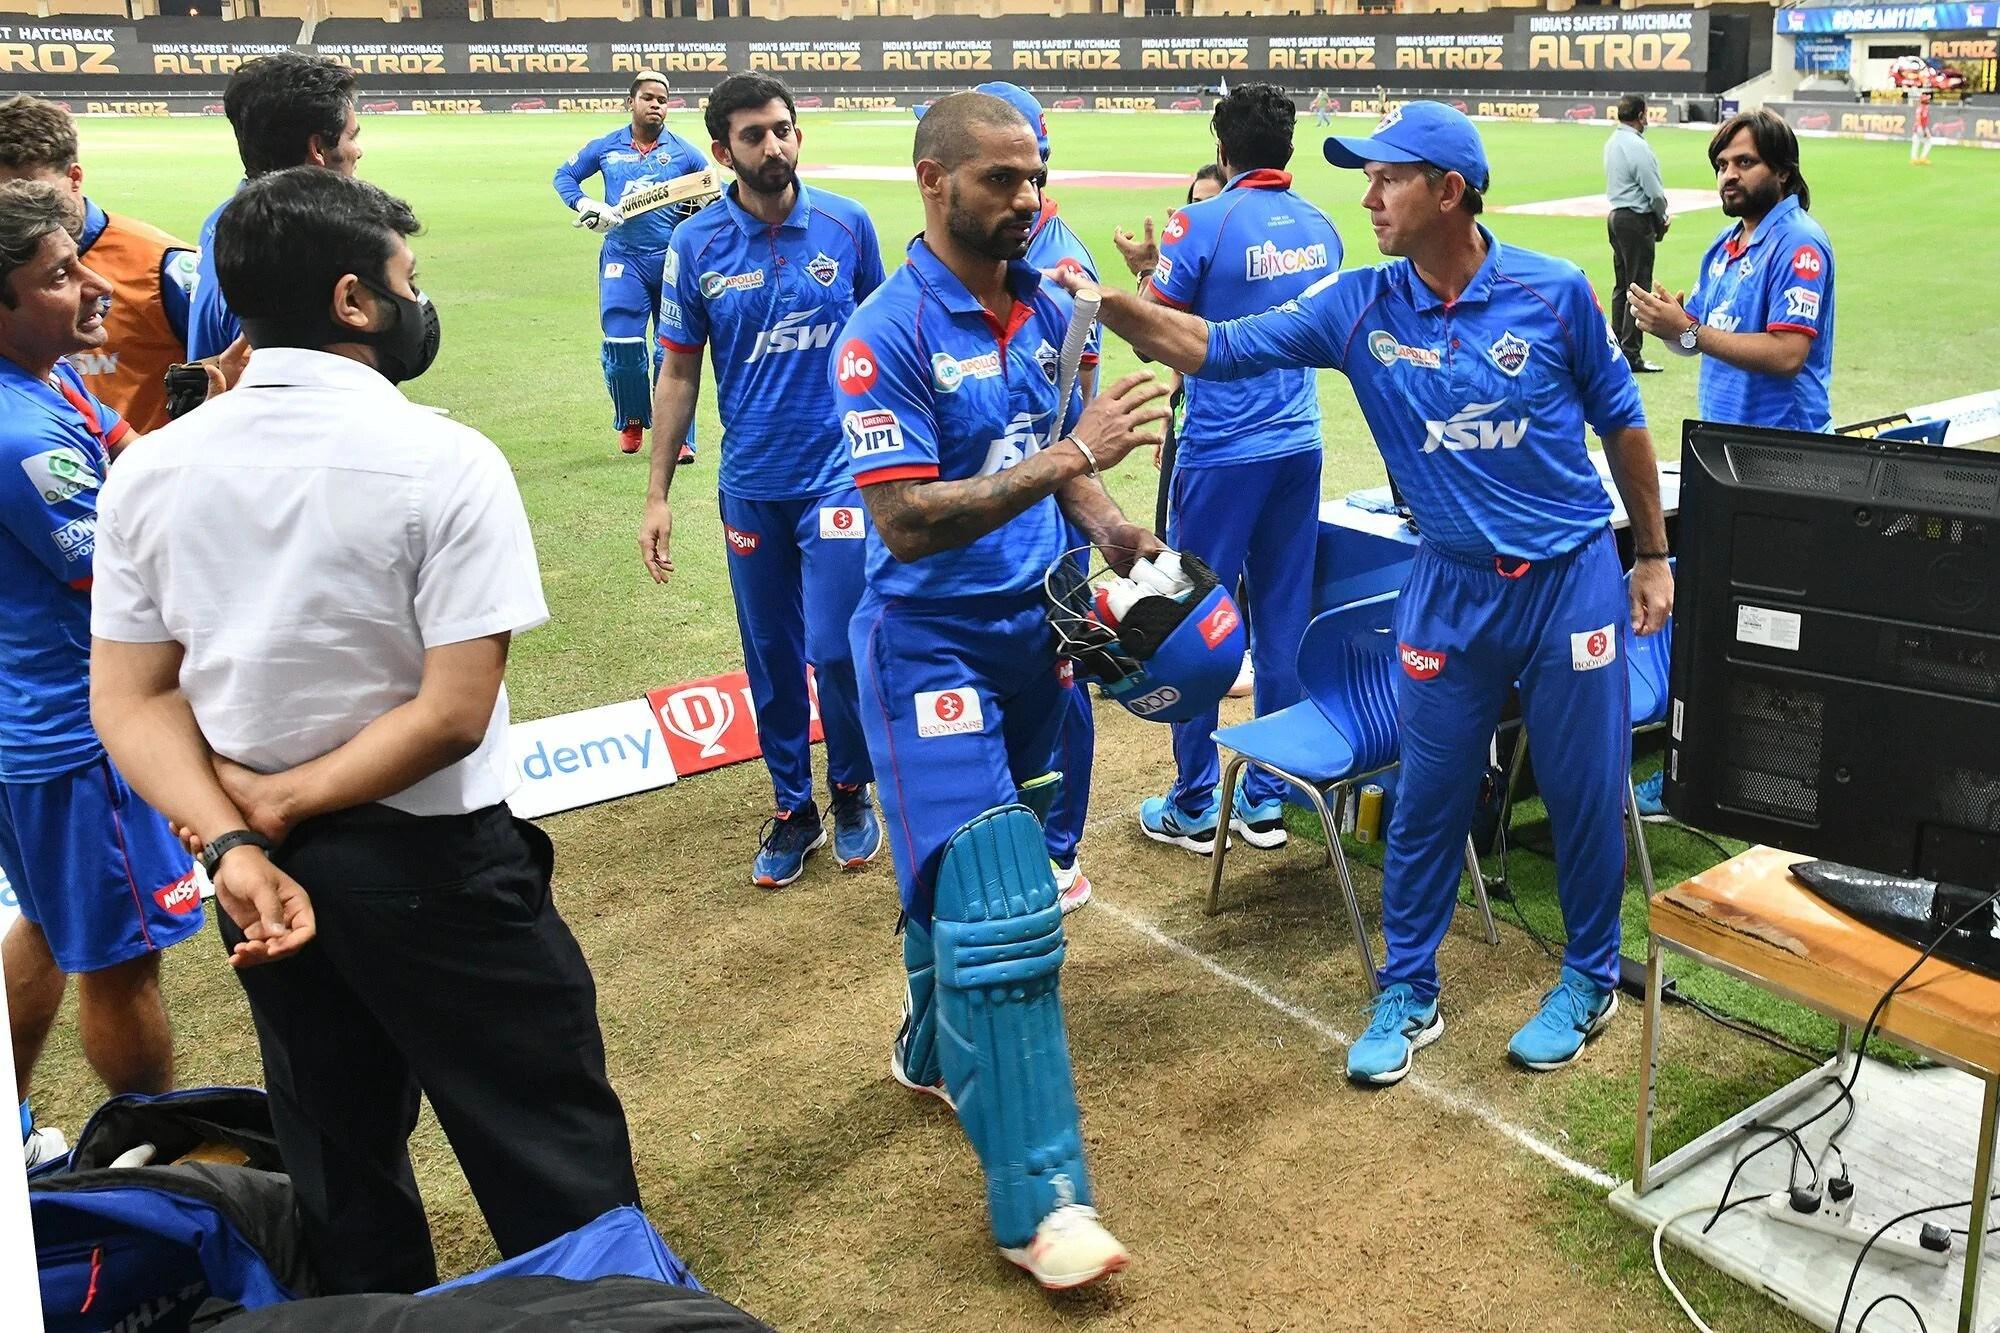 பஞ்சாப் உடனான போட்டியில் டெல்லி தோல்வியடைந்தது. 164 ரன்கள் இலக்கை விரட்டிய பஞ்சாப் 5 விக்கெட் வித்தியாசத்தில் வெற்றி பெற்றது.